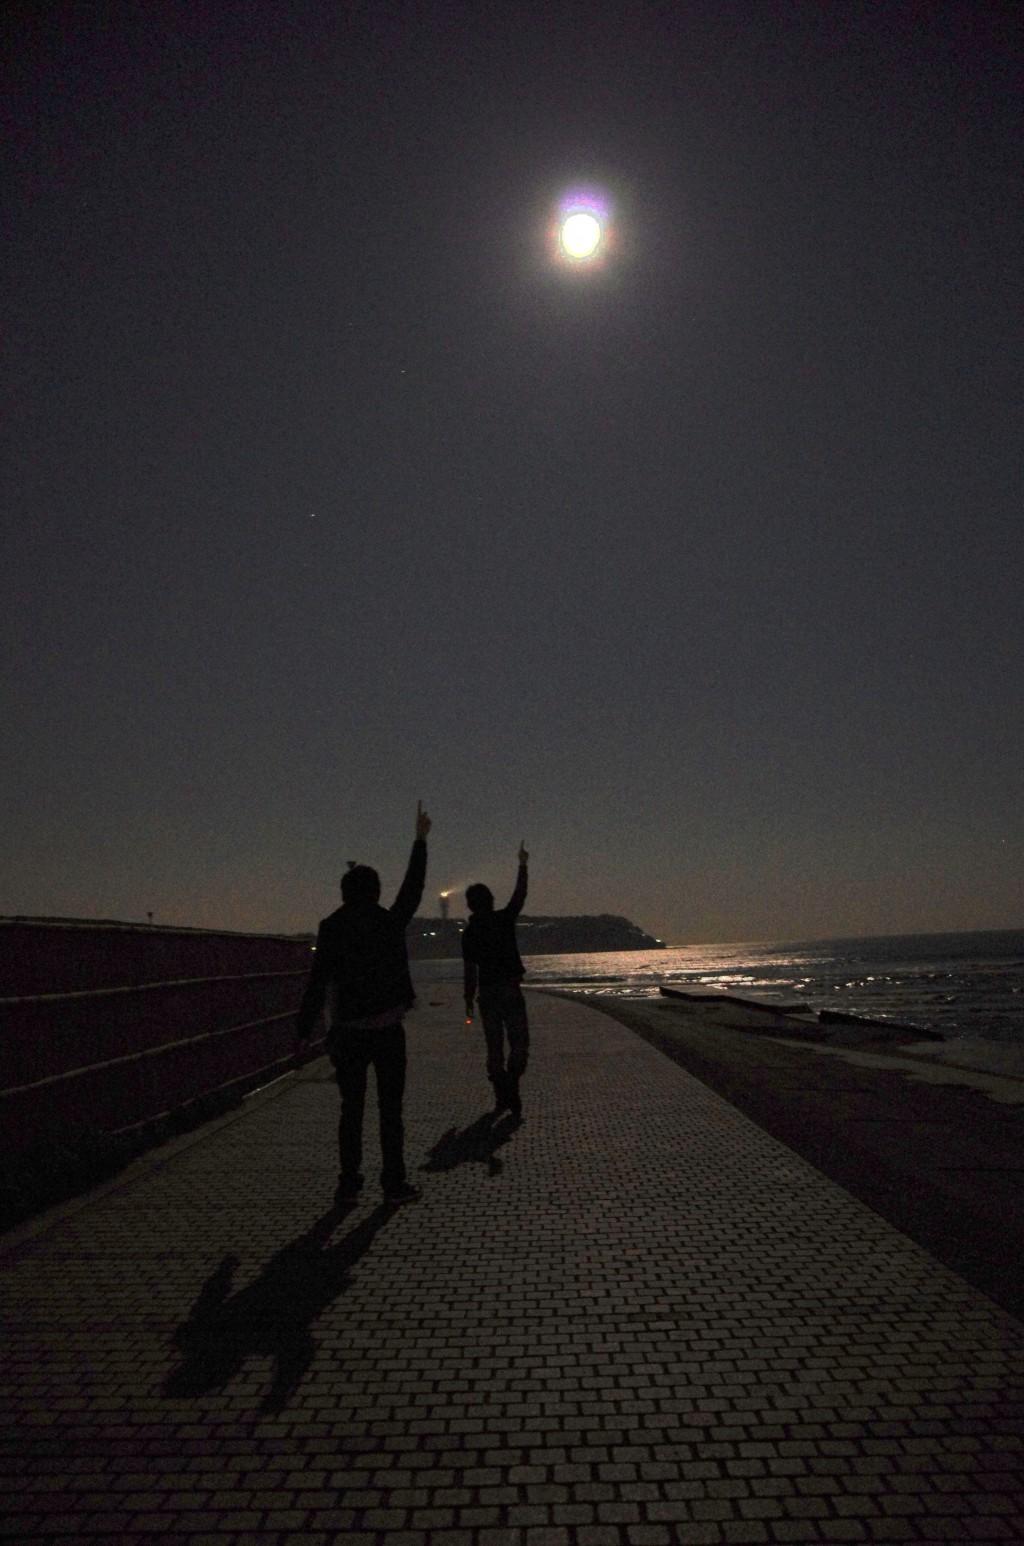 写真じゃ伝わらないかと思いますが、さいこーにキレイです! 海と月の良いアンサンブル!